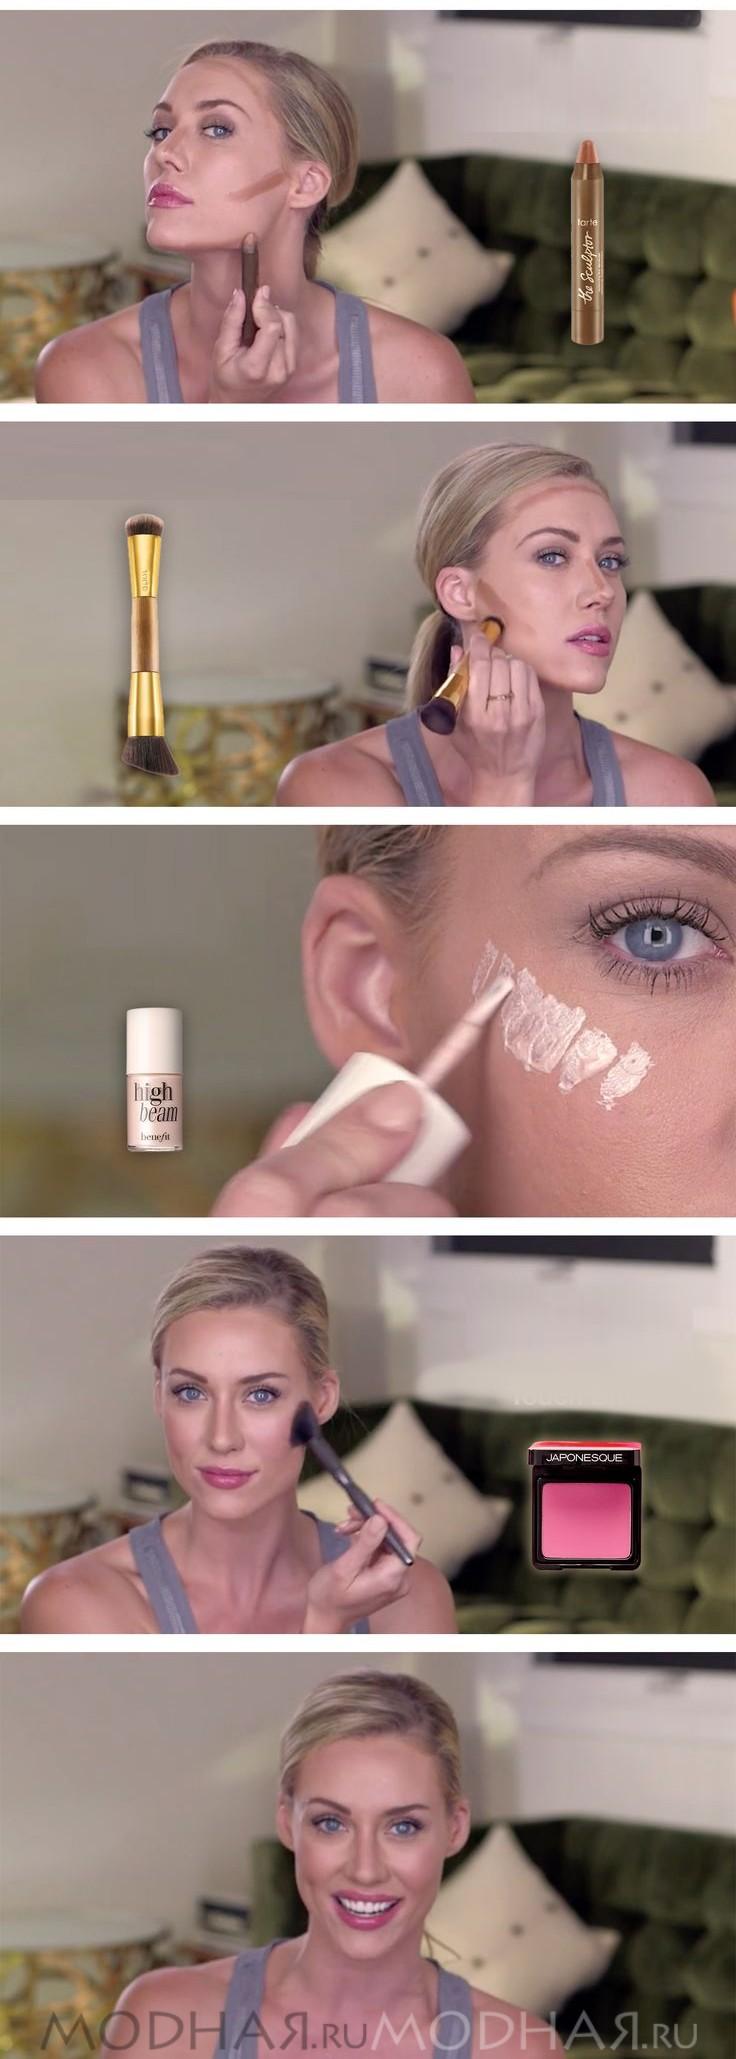 Новое лицо с модным макияжем кожи